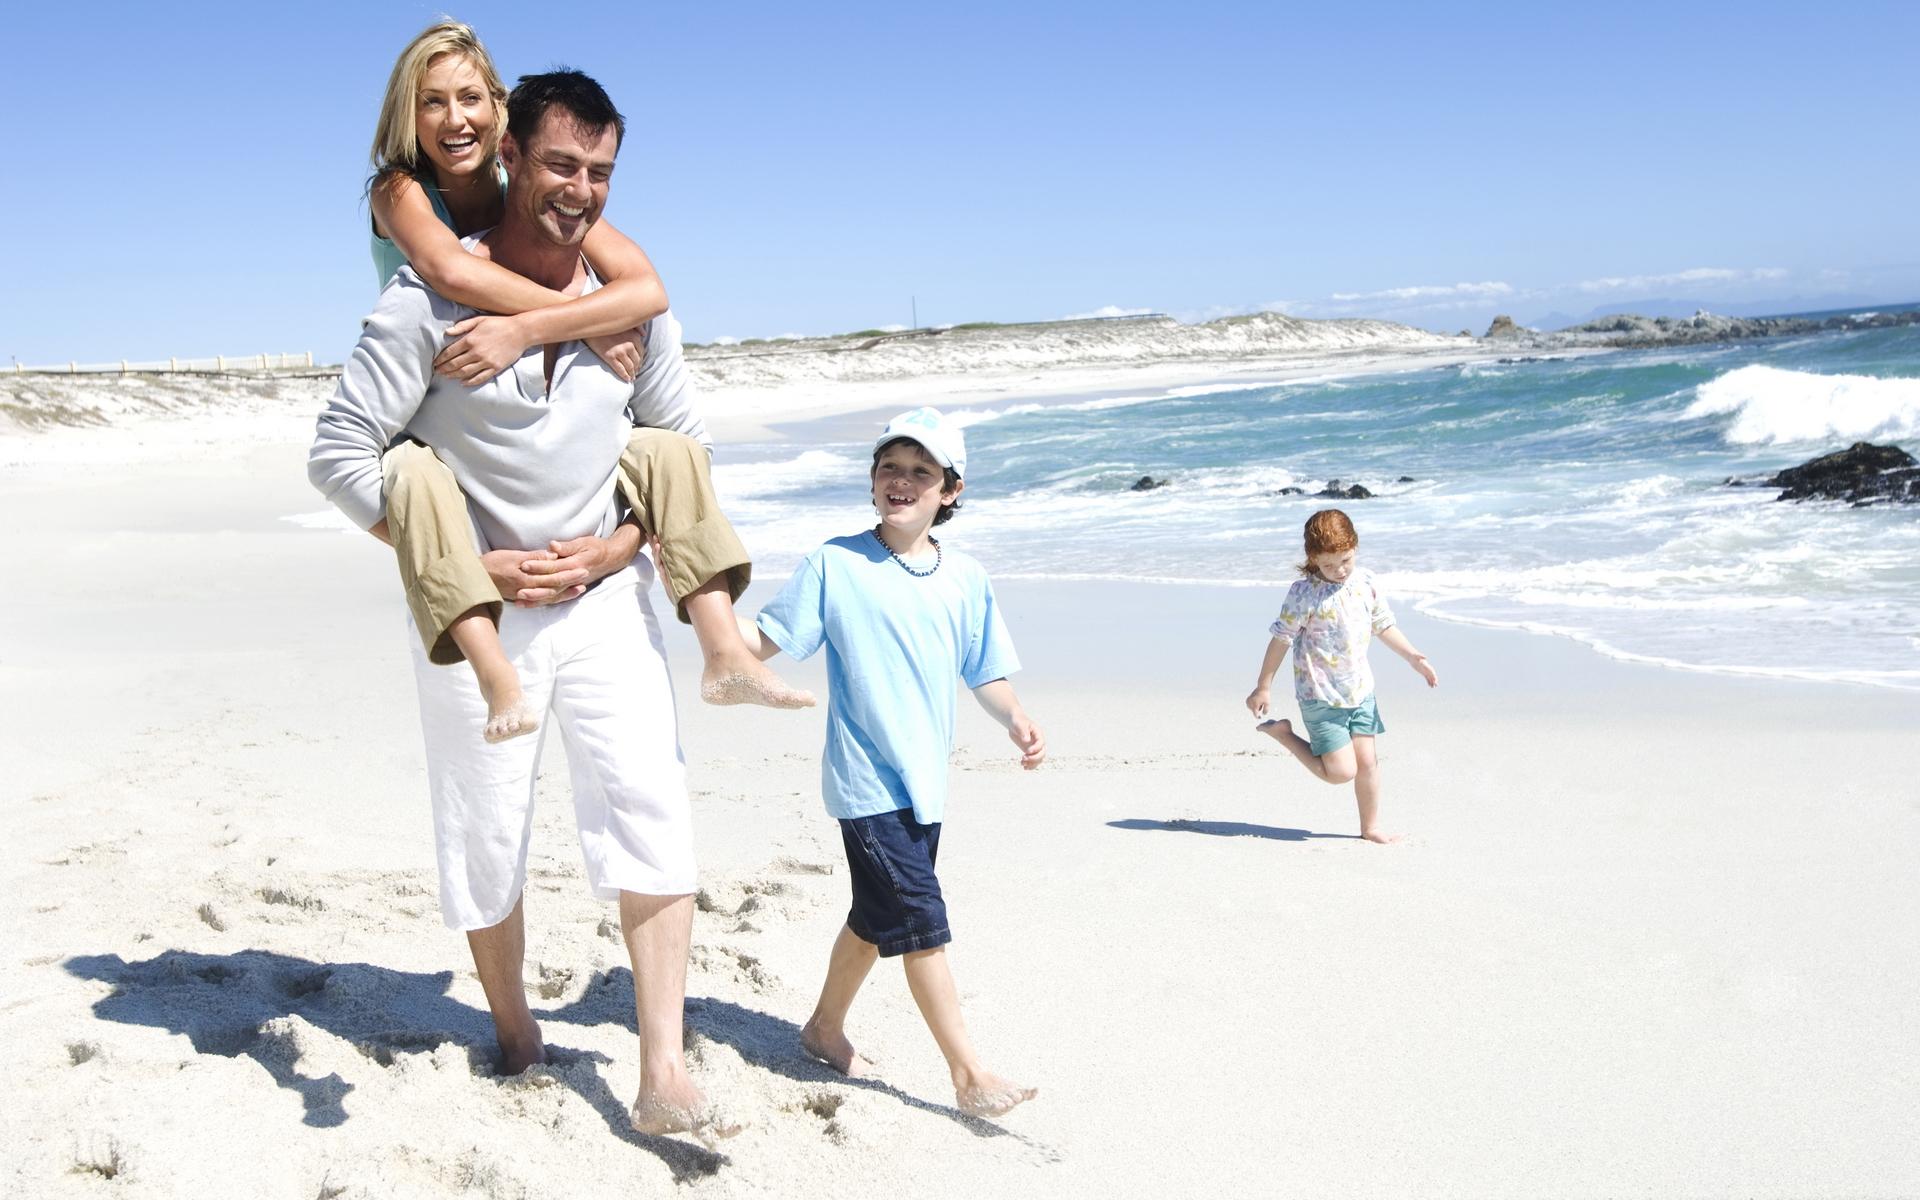 Семьями на пляже